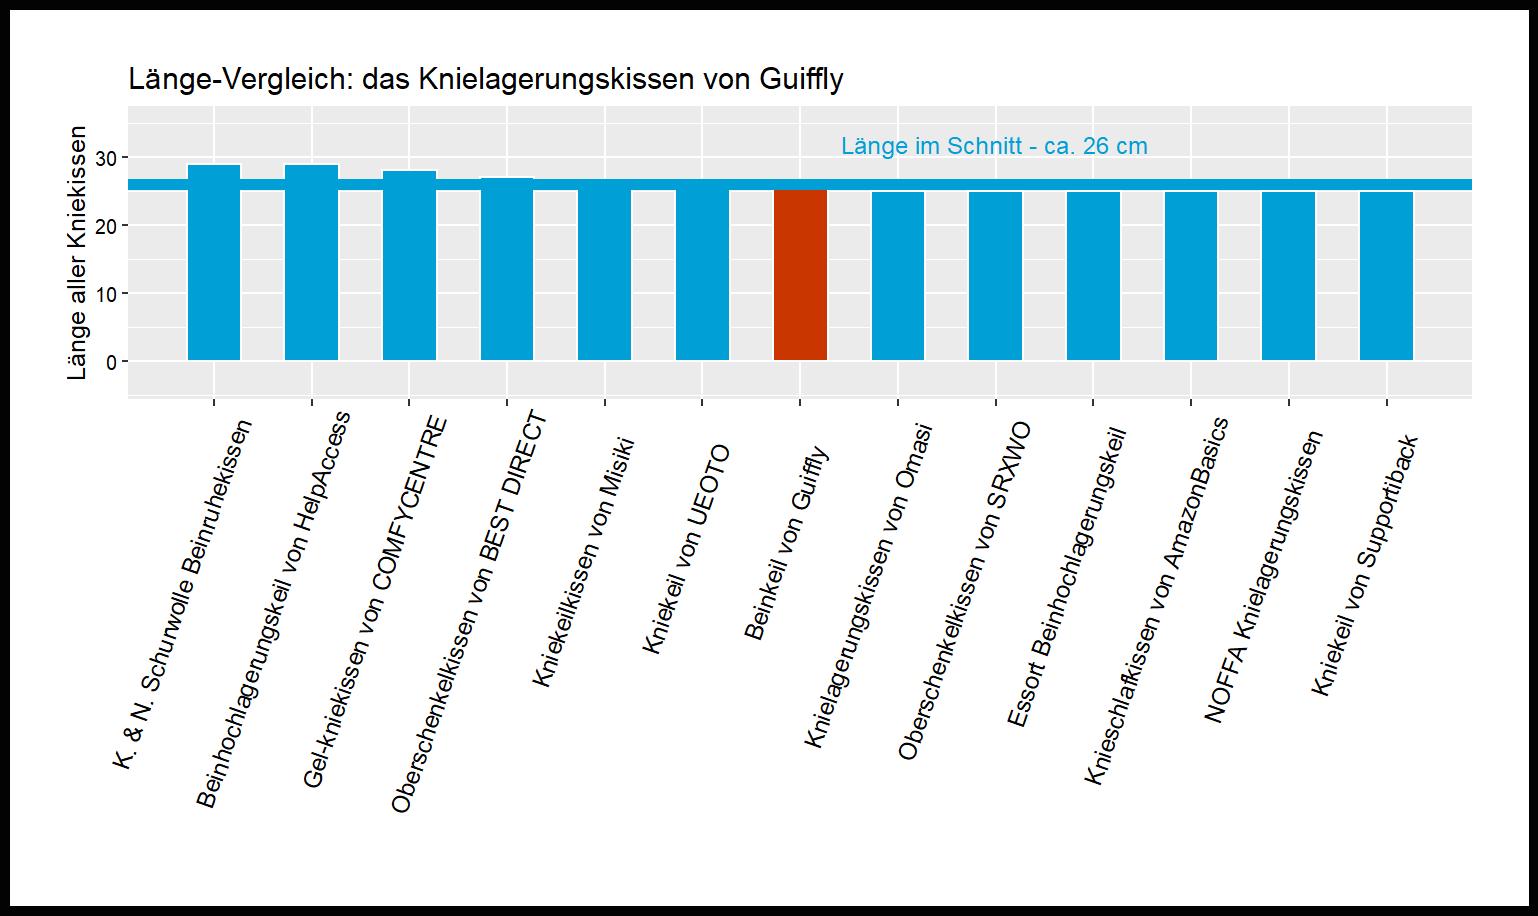 Länge-Vergleich von dem Guiffly Kniekissen